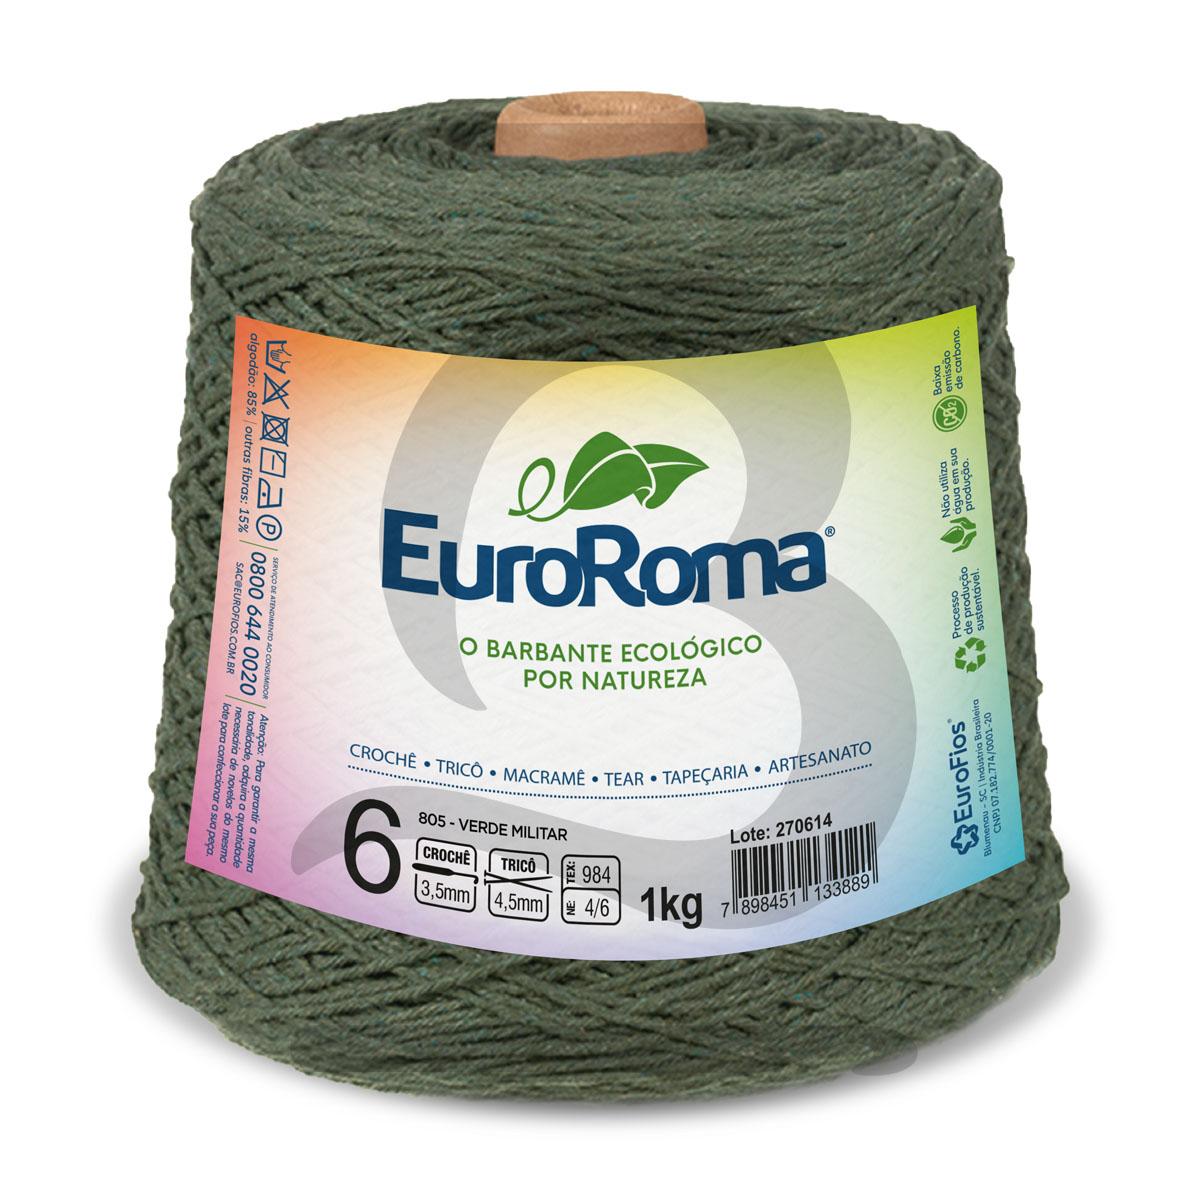 Barbante EuroRoma Colorido N°6 - 1kg Cor 805 Verde Militar